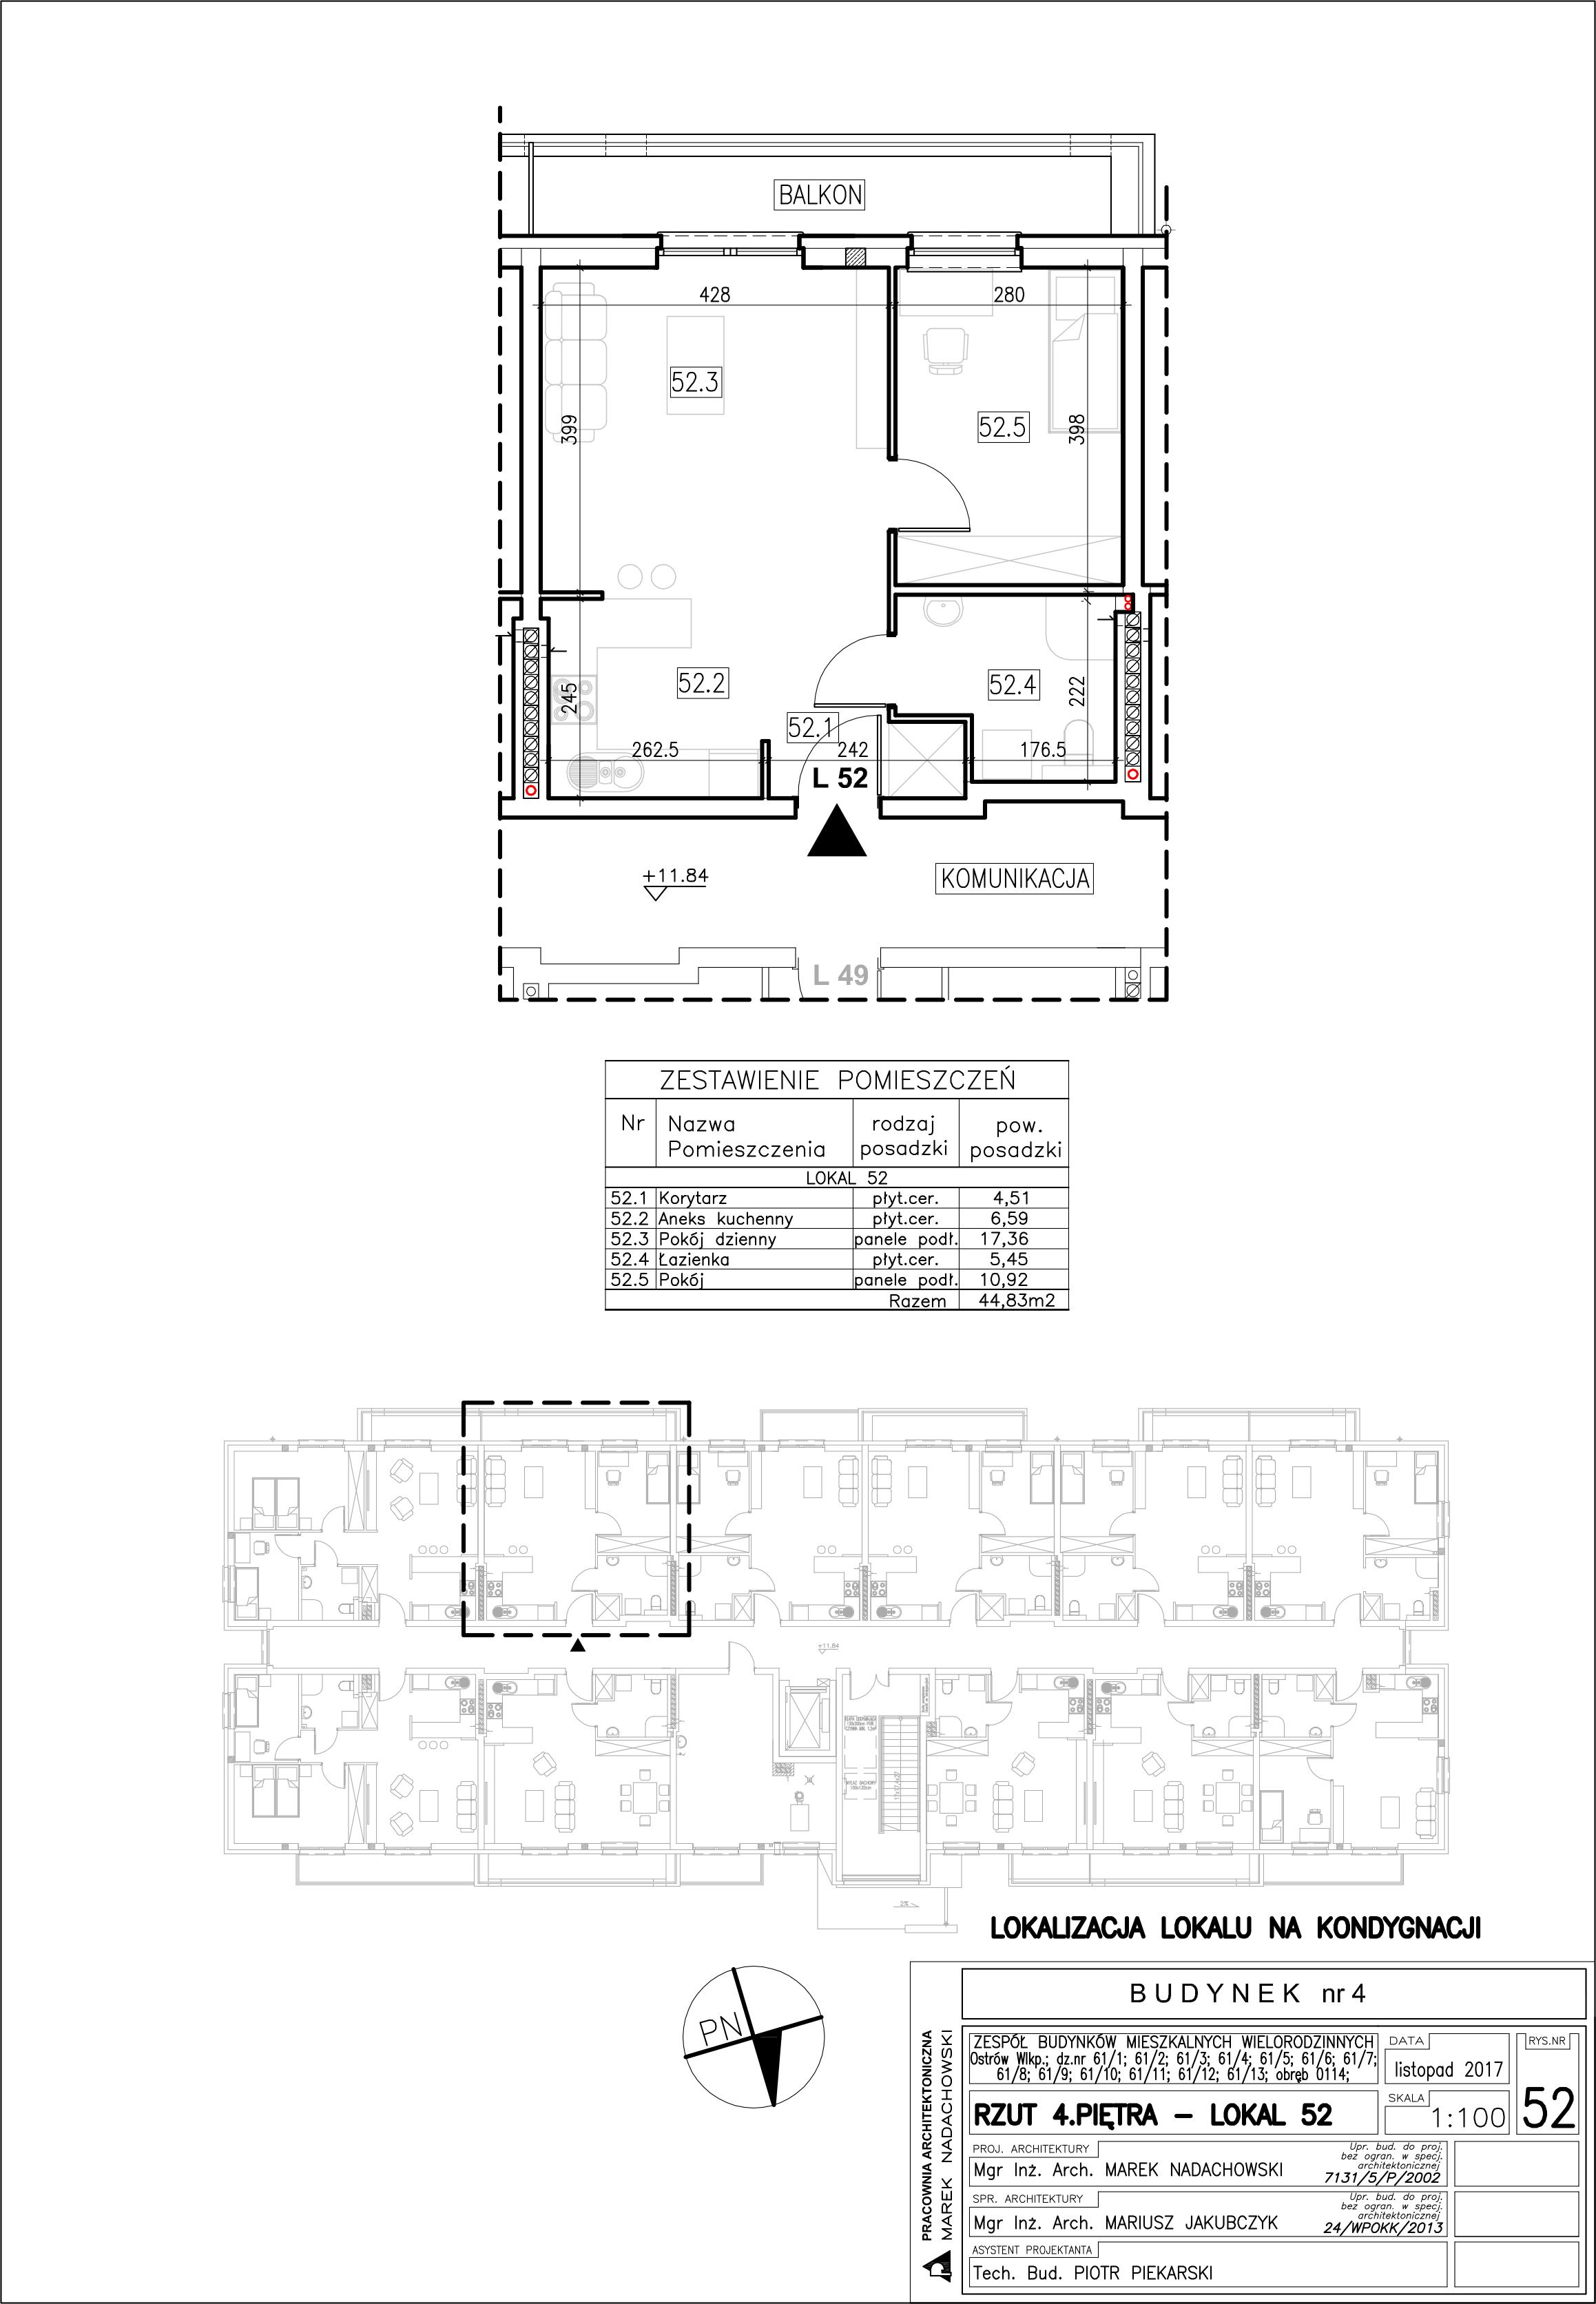 Lokal nr 52 Powierzchnia: 44,83 m2